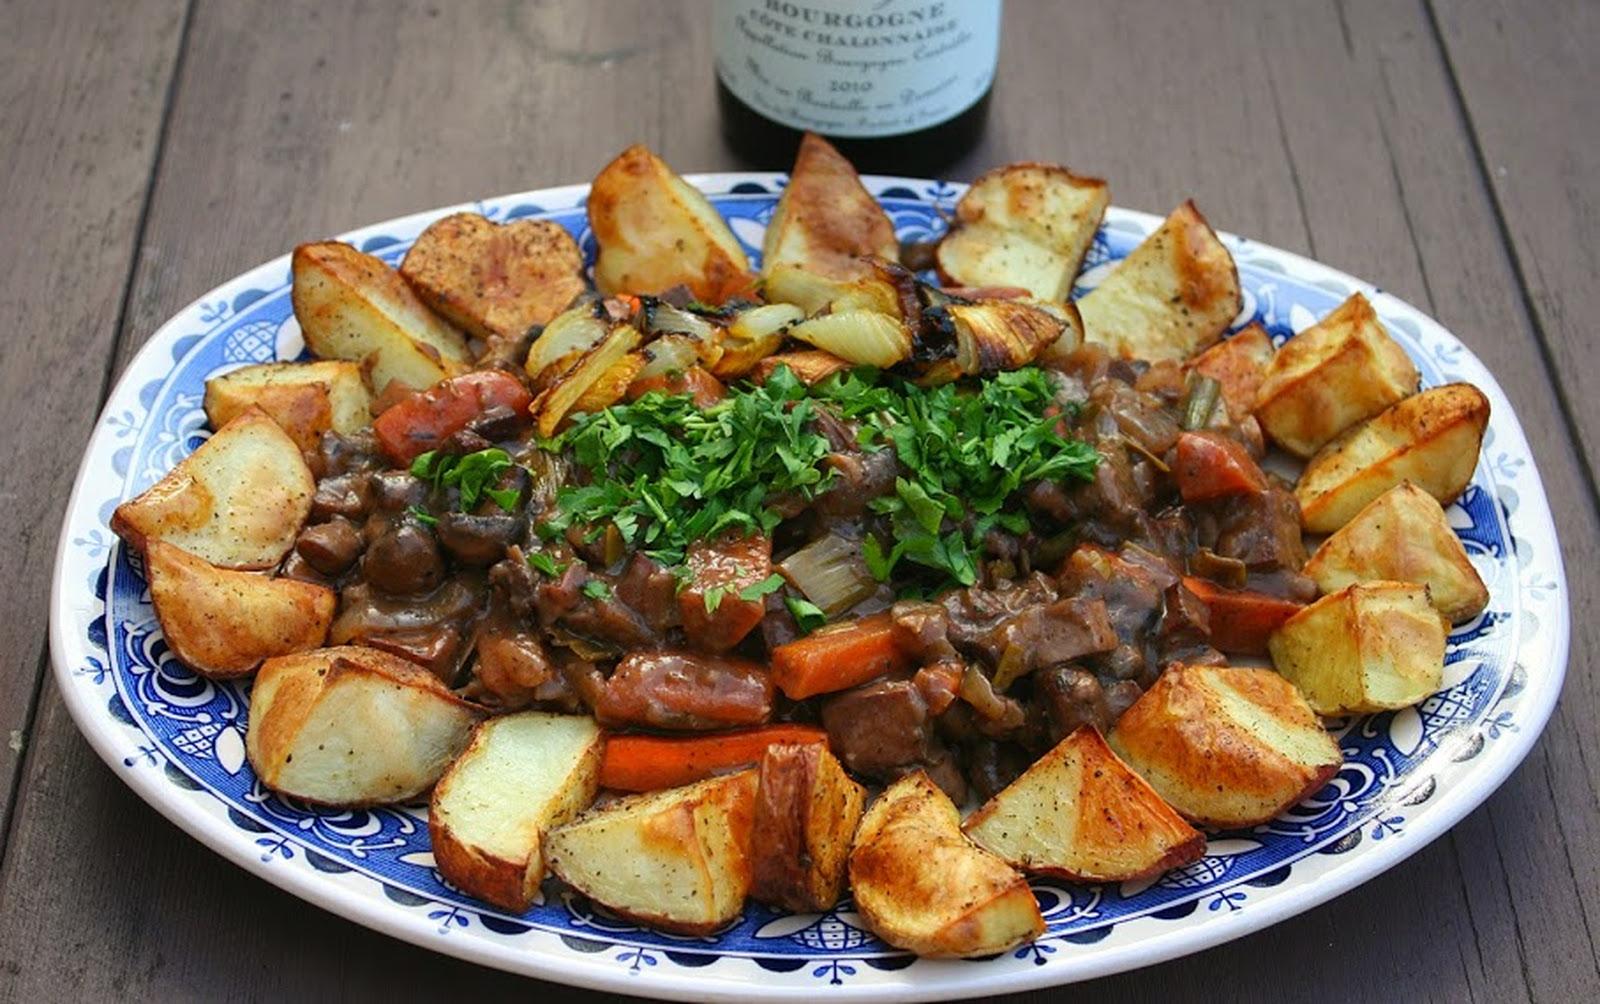 Bœuf Bourguignon Végétalien [Vegan, Gluten-Free]